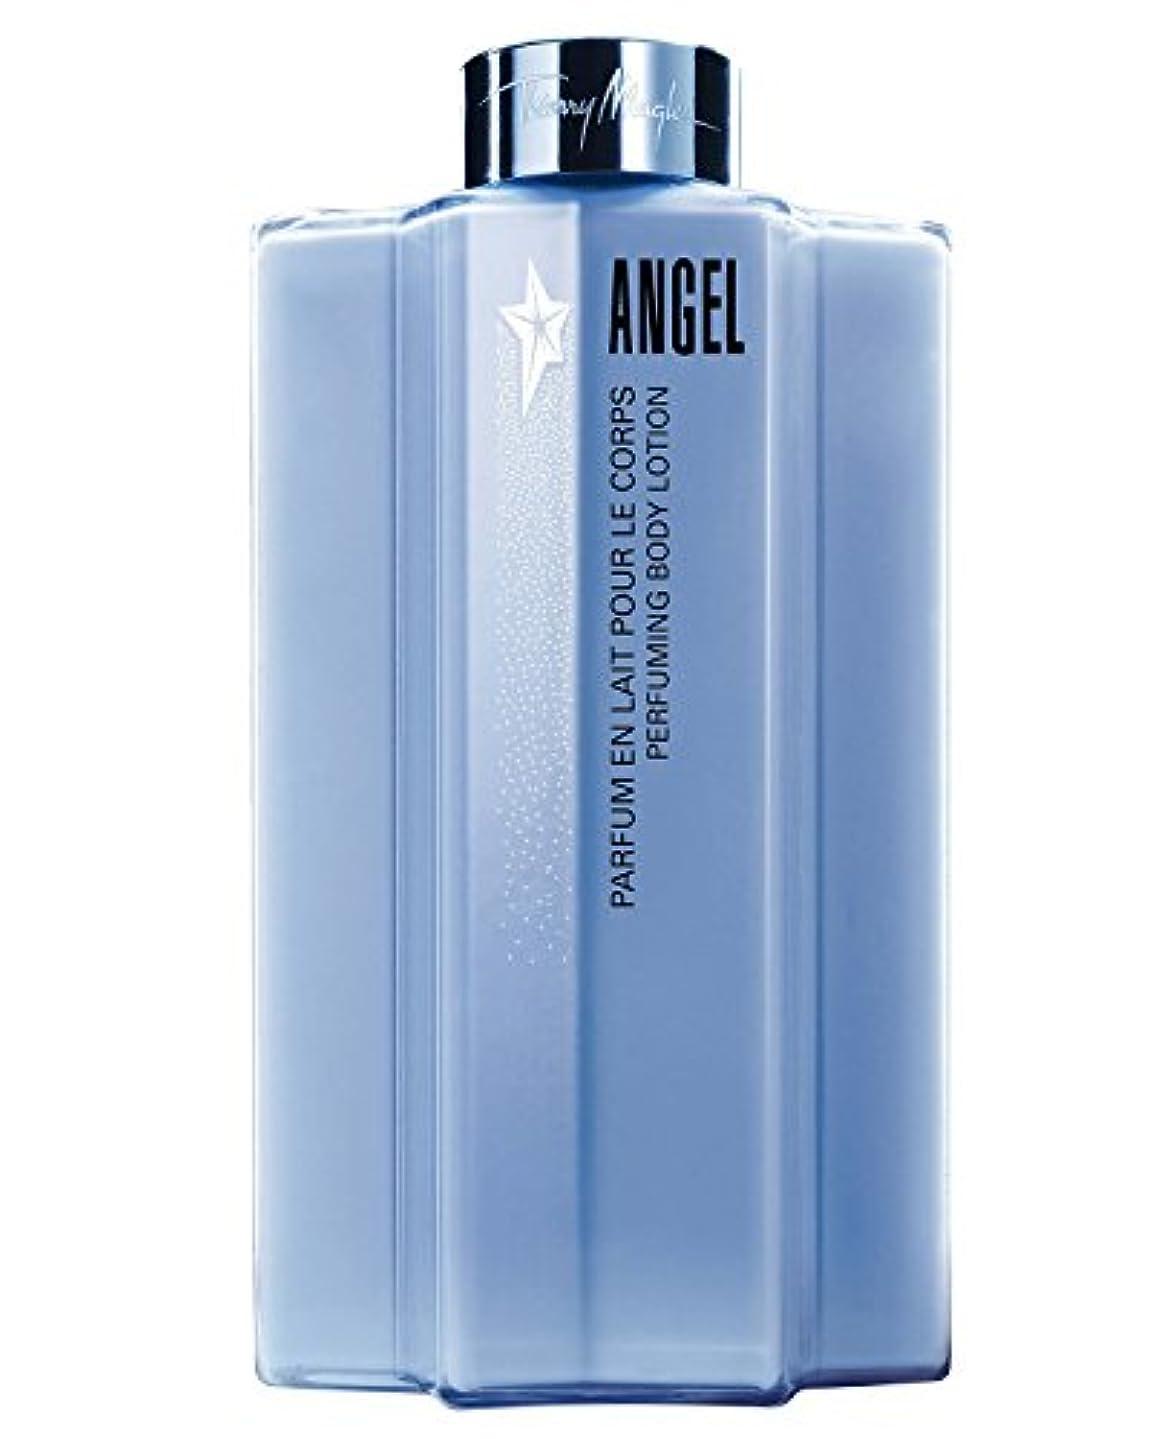 イースター肥沃な社会テュエリーミュグレー エンジェルボディローション 200ml THIERRY MUGLER ANGEL BODY LOTION [並行輸入品]